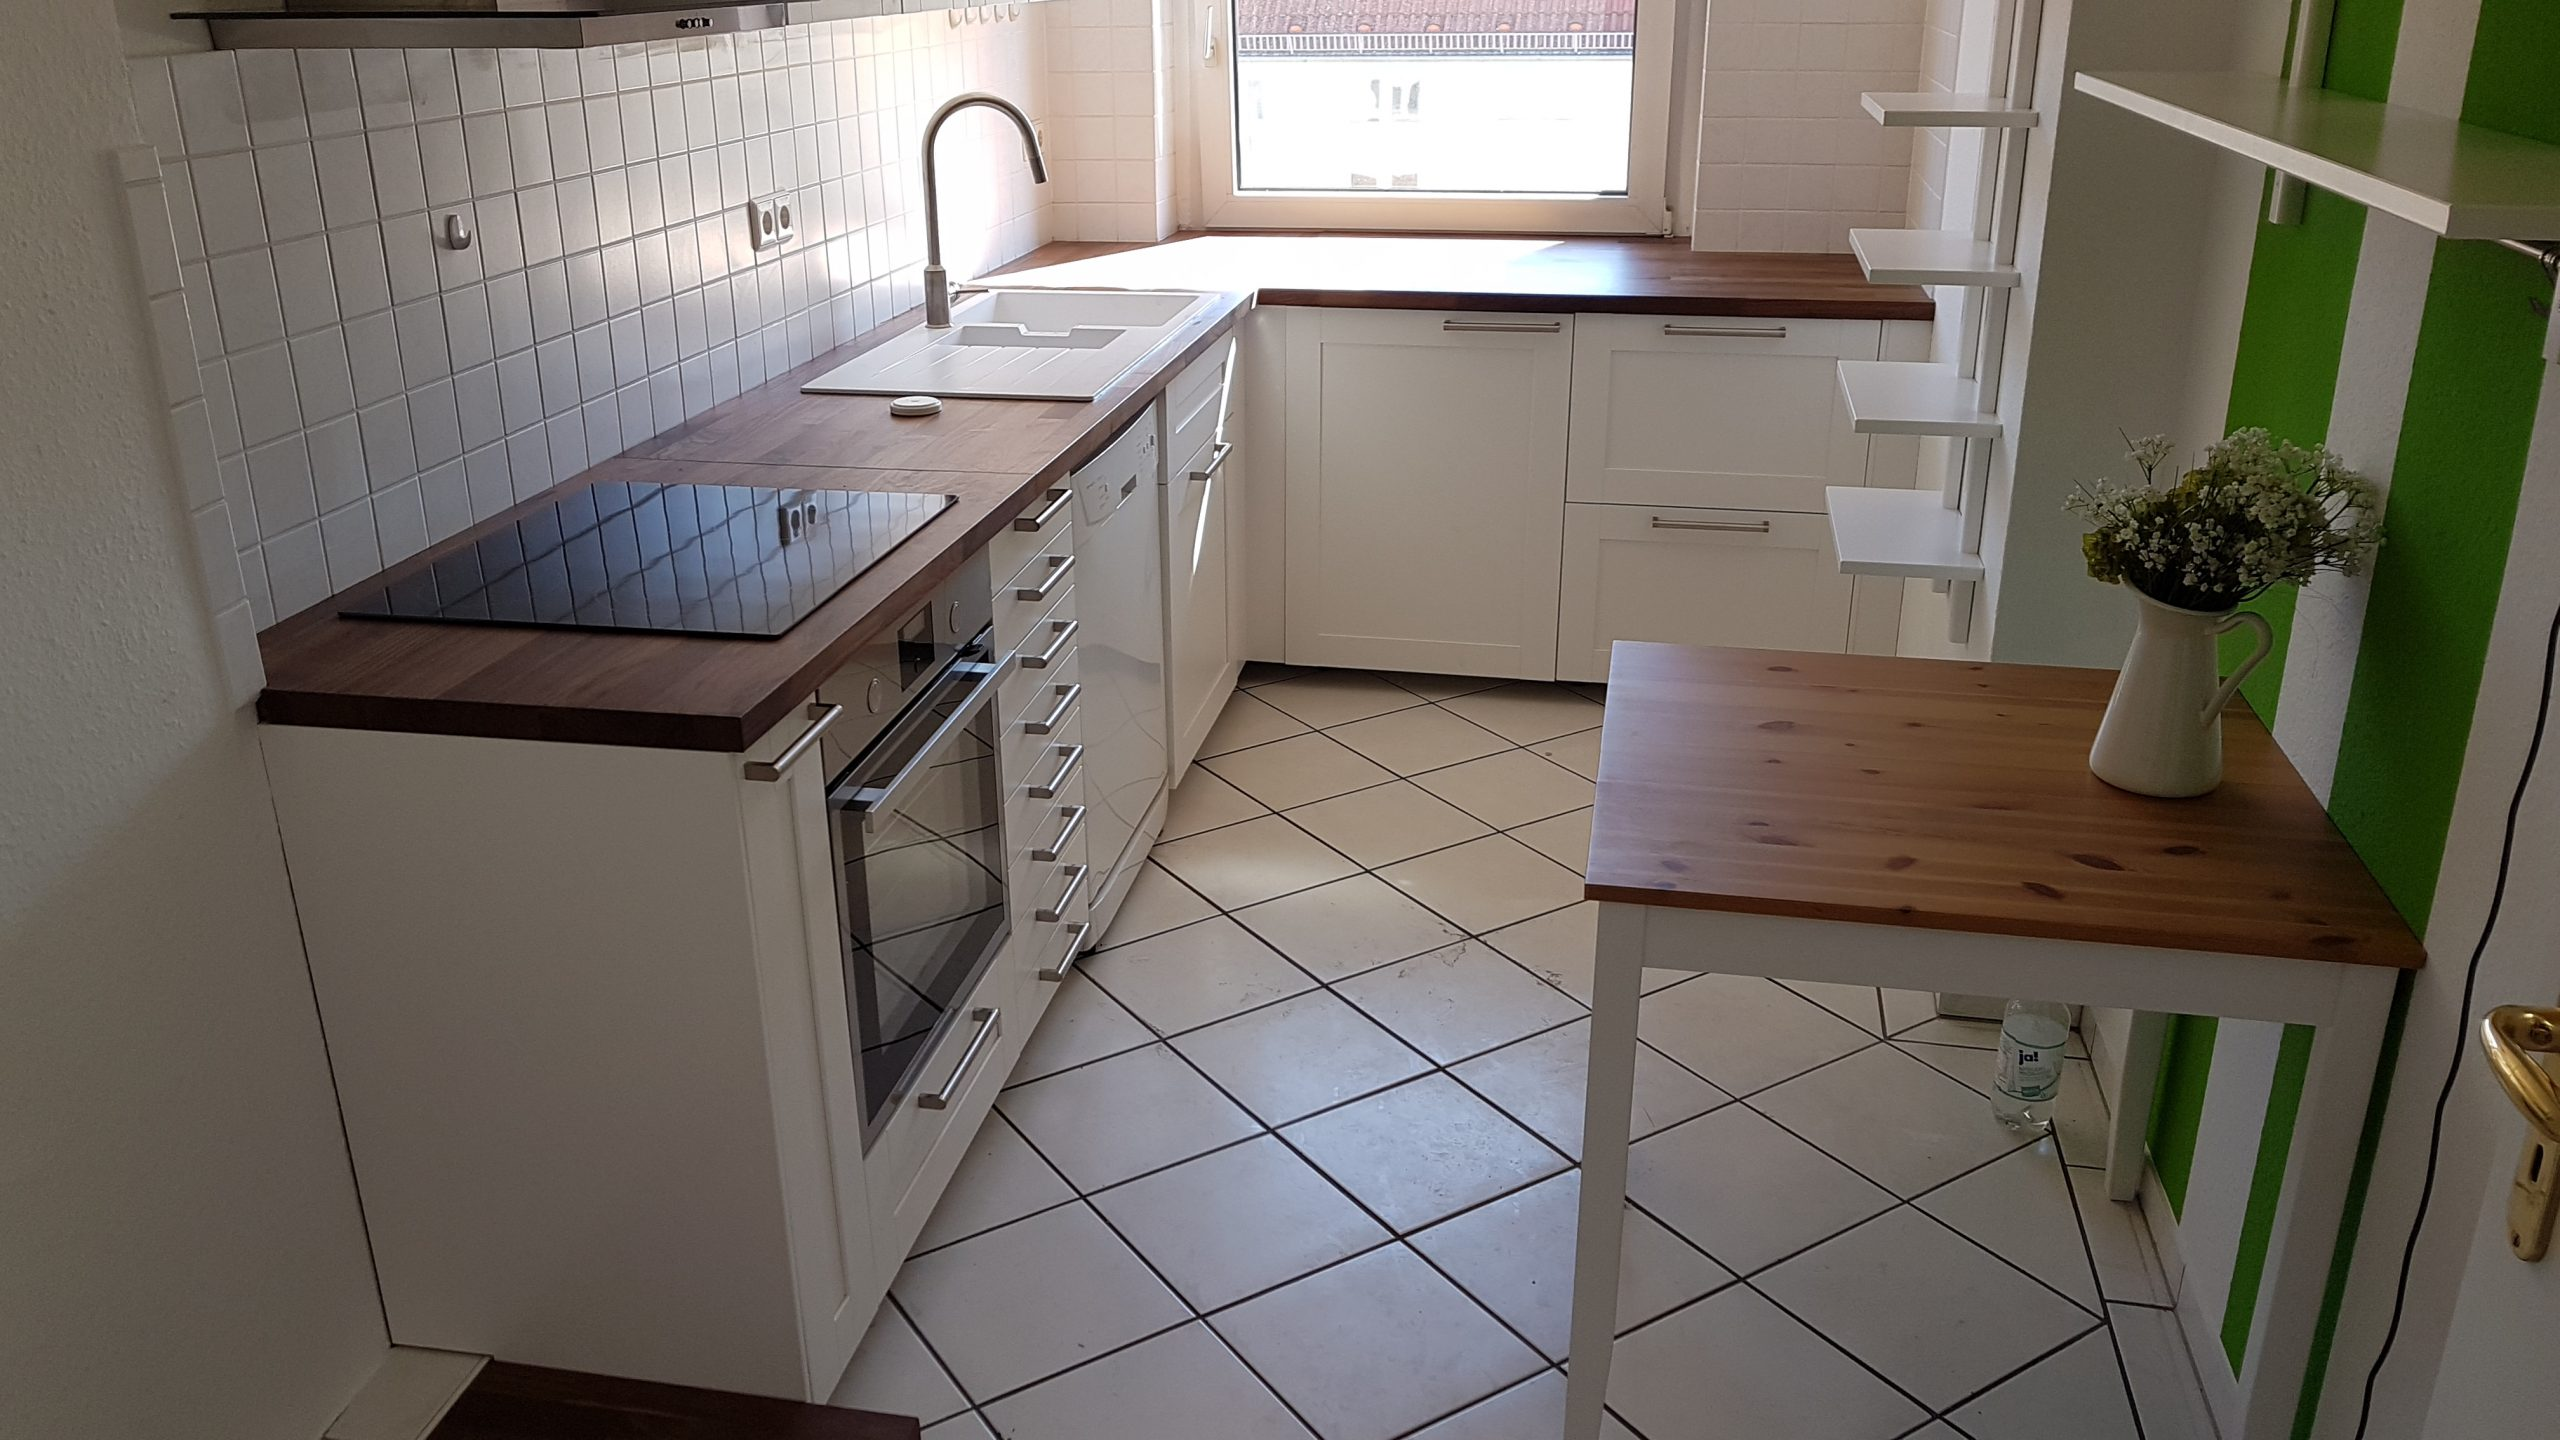 Ikea Küchenplanung Kosten Küche Kostenvoranschlag ...